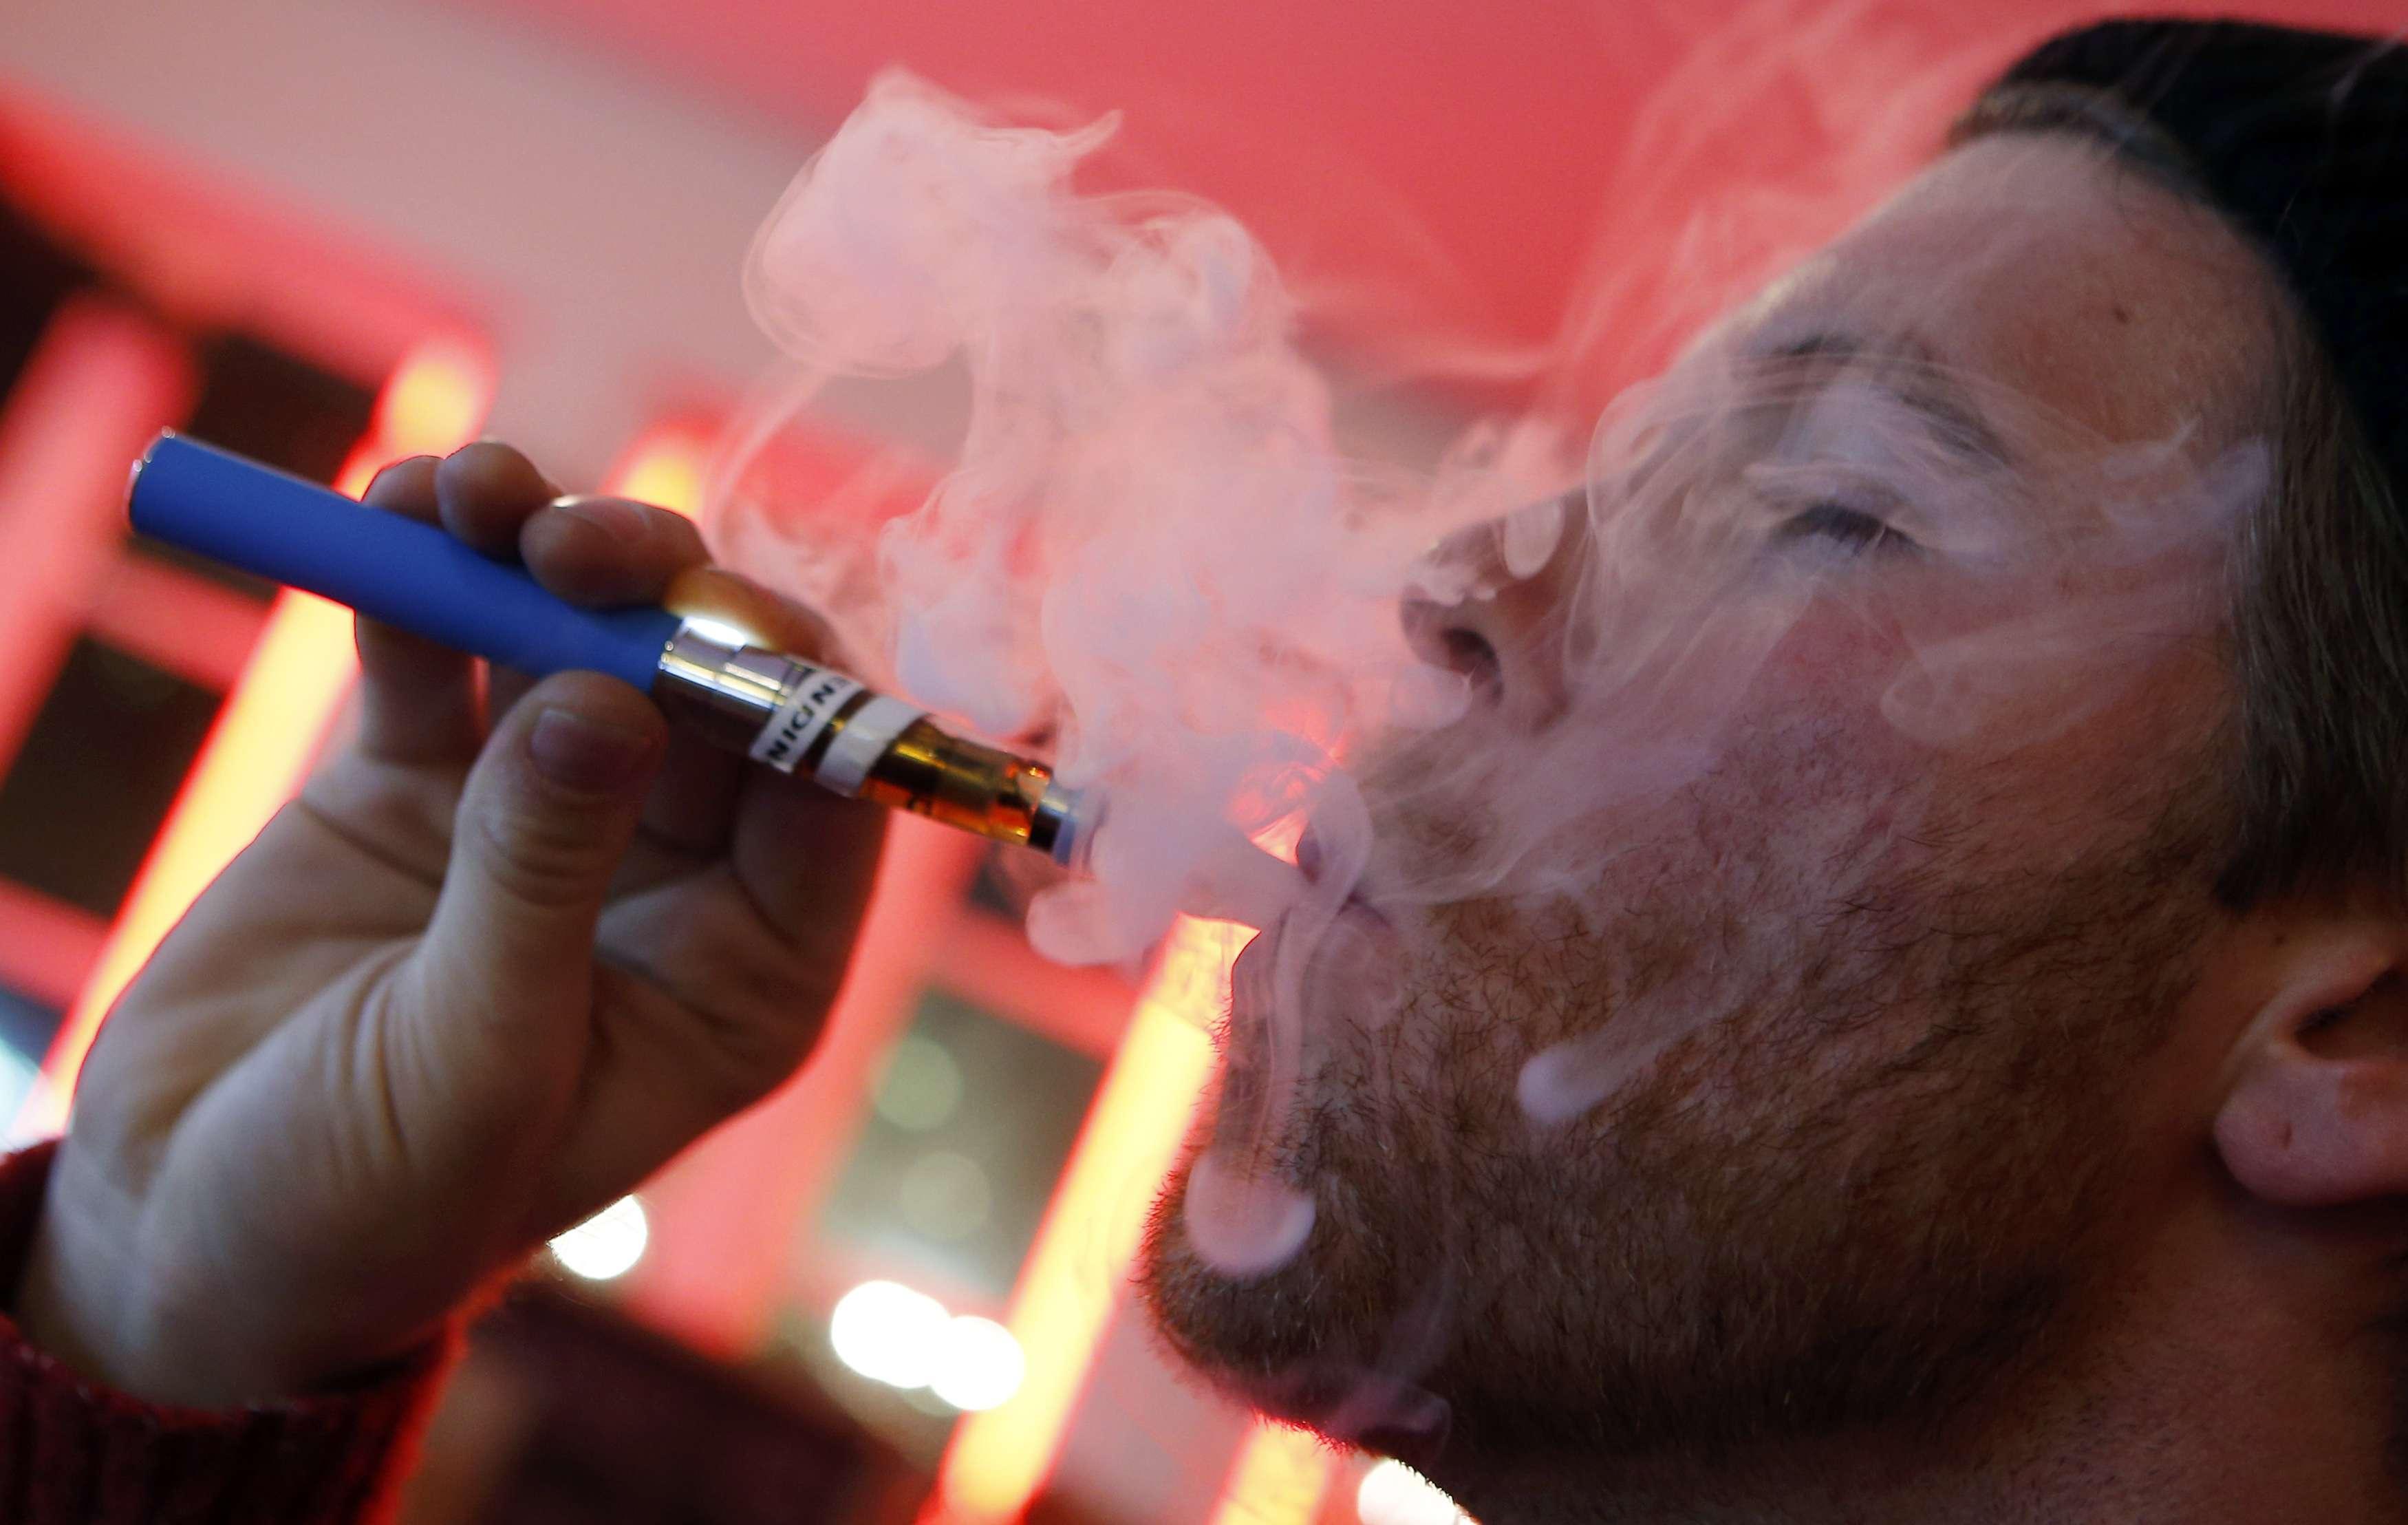 Электронная сигарета можно ли курить в кафе